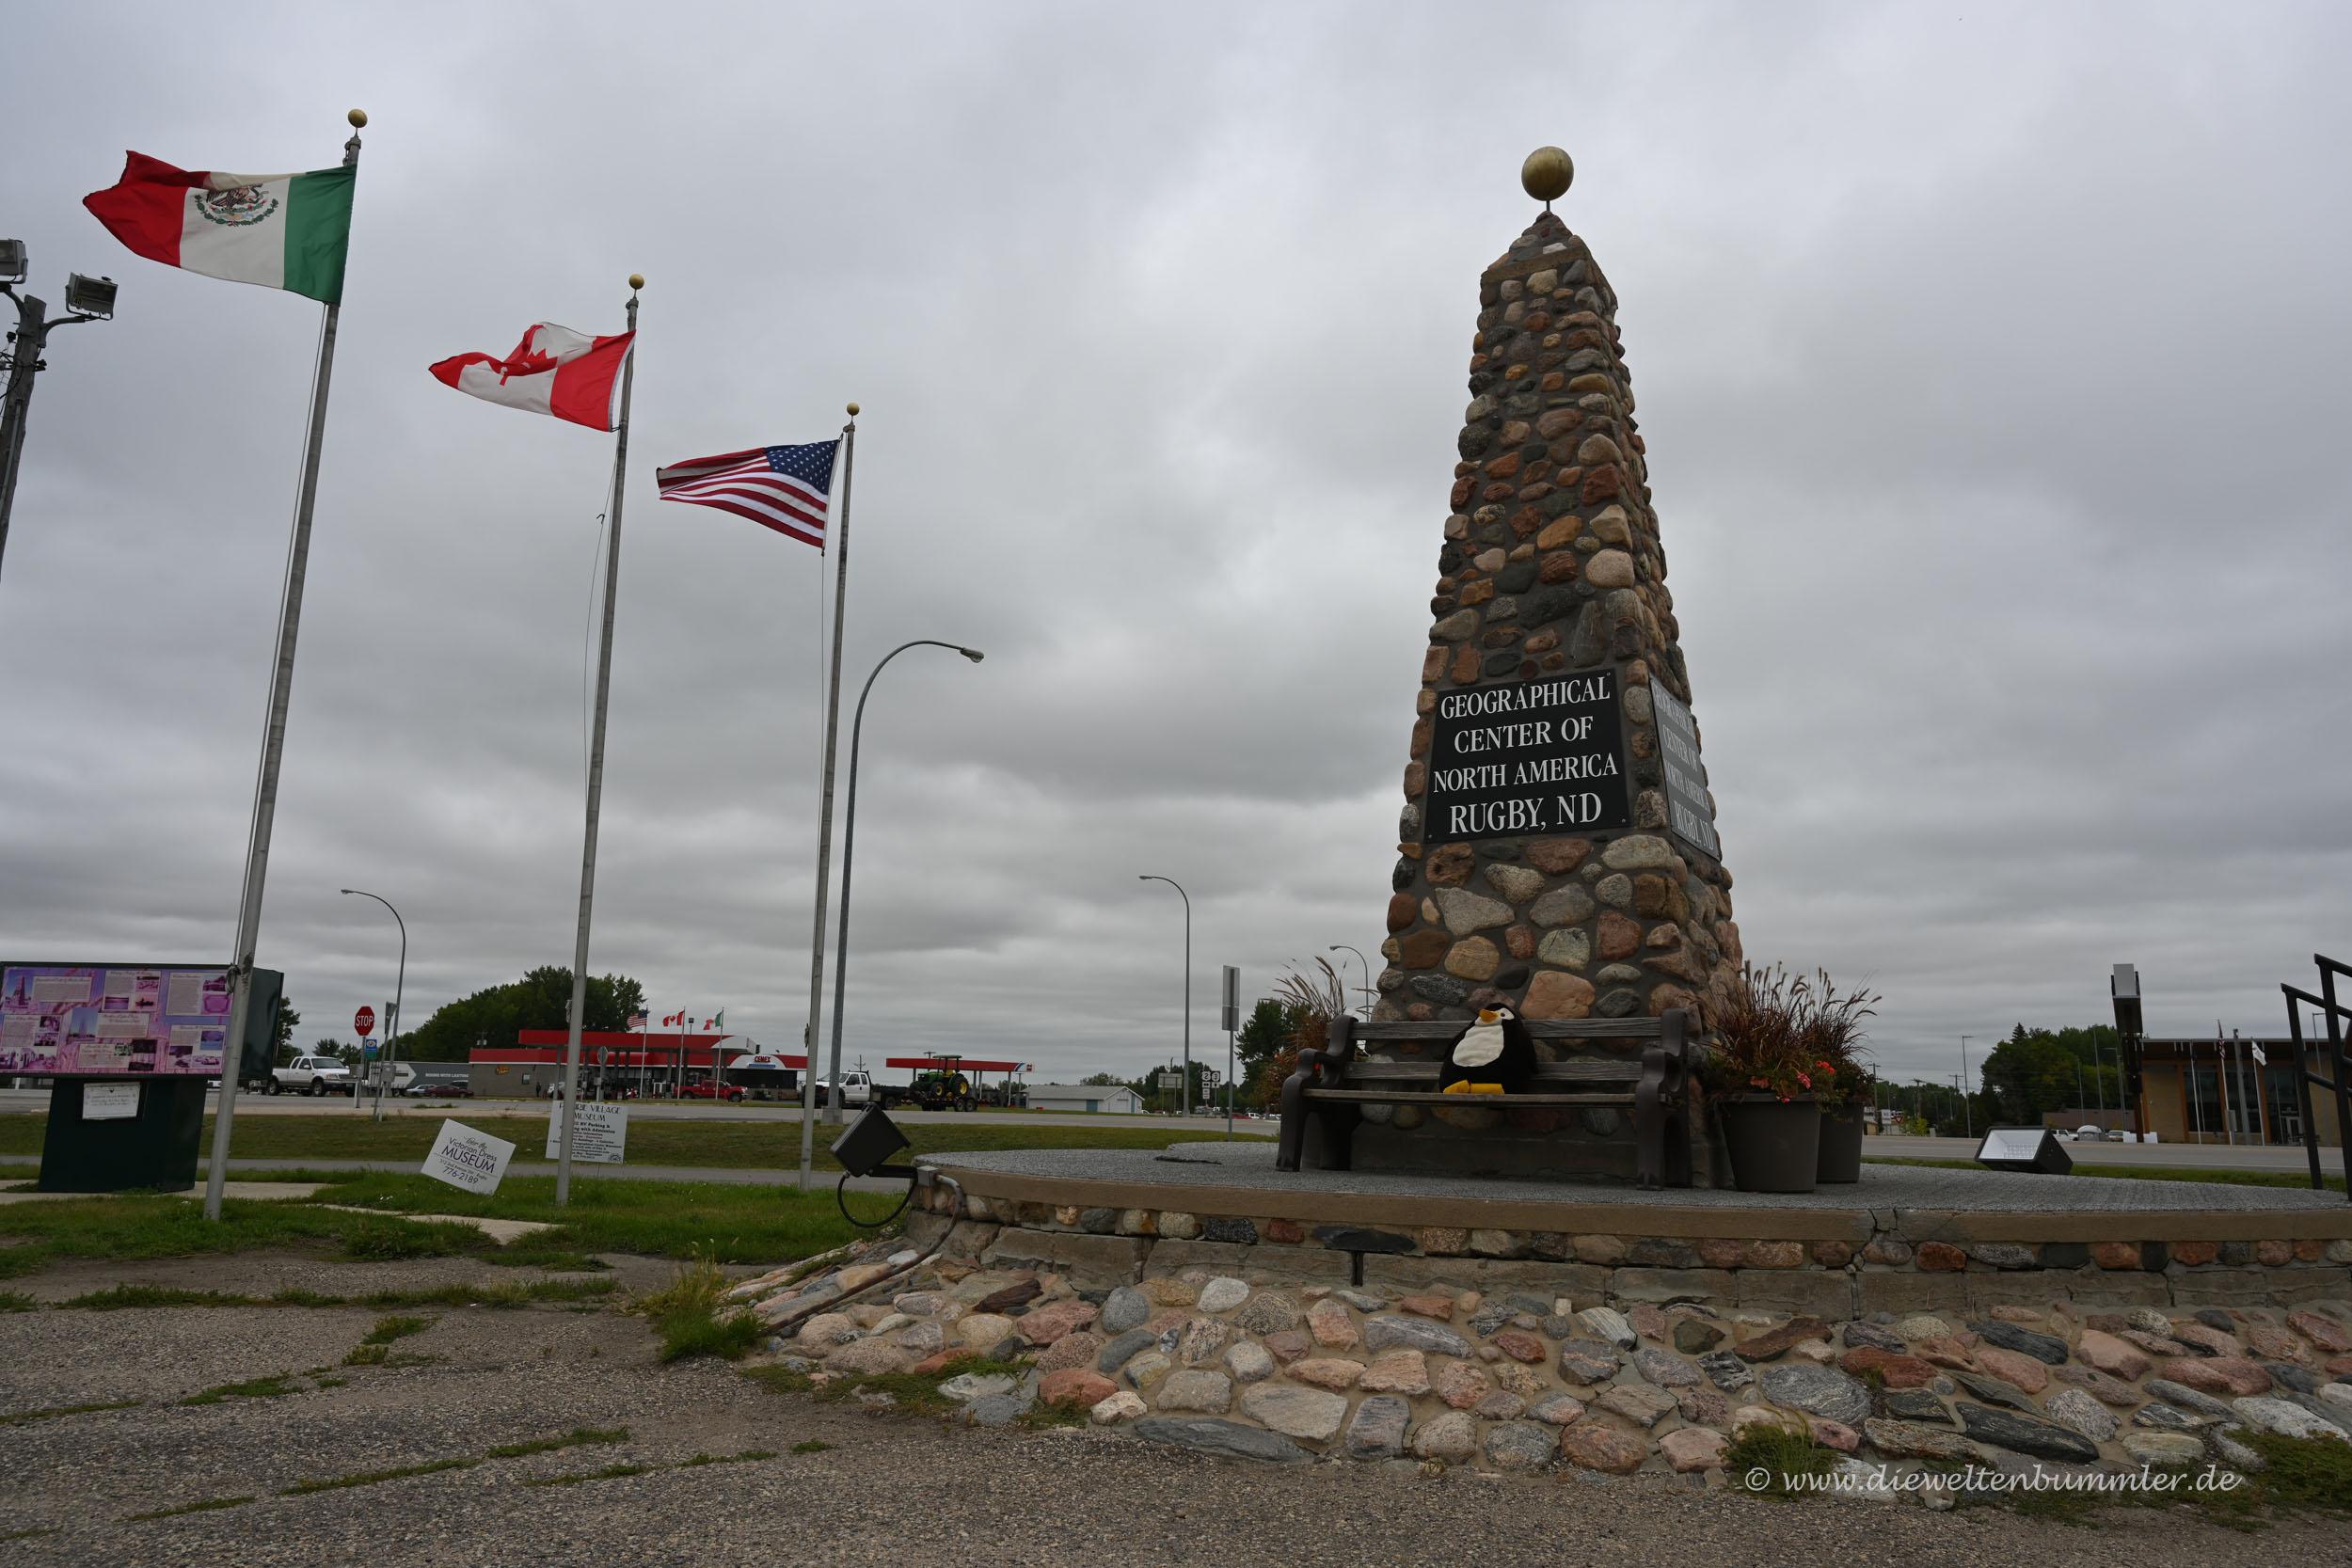 Geografischer Mittelpunkt von Nordamerika